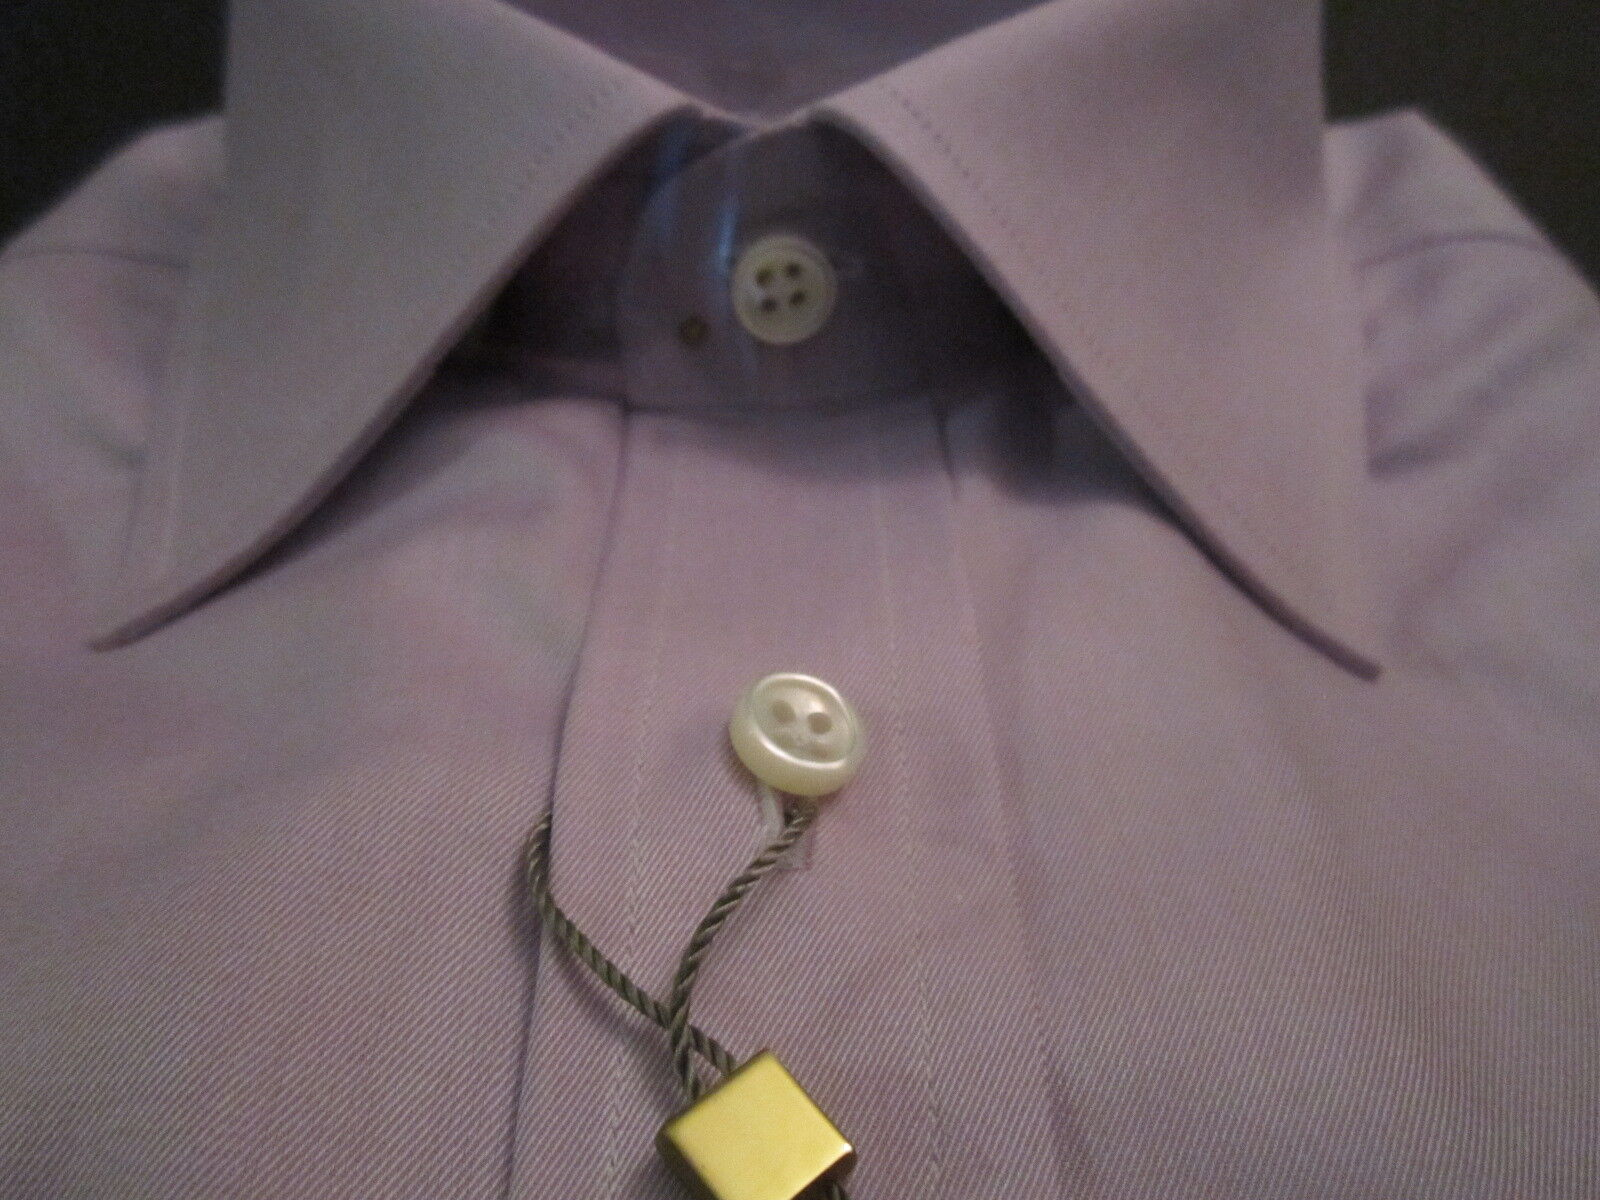 53f3cc3b1 NWT IKE BEHAR BEHAR BEHAR NEW YORK TWILL PURPLE HELIO MENS DRESS SHIRT gold  LABEL 17 LS 32 6e519f